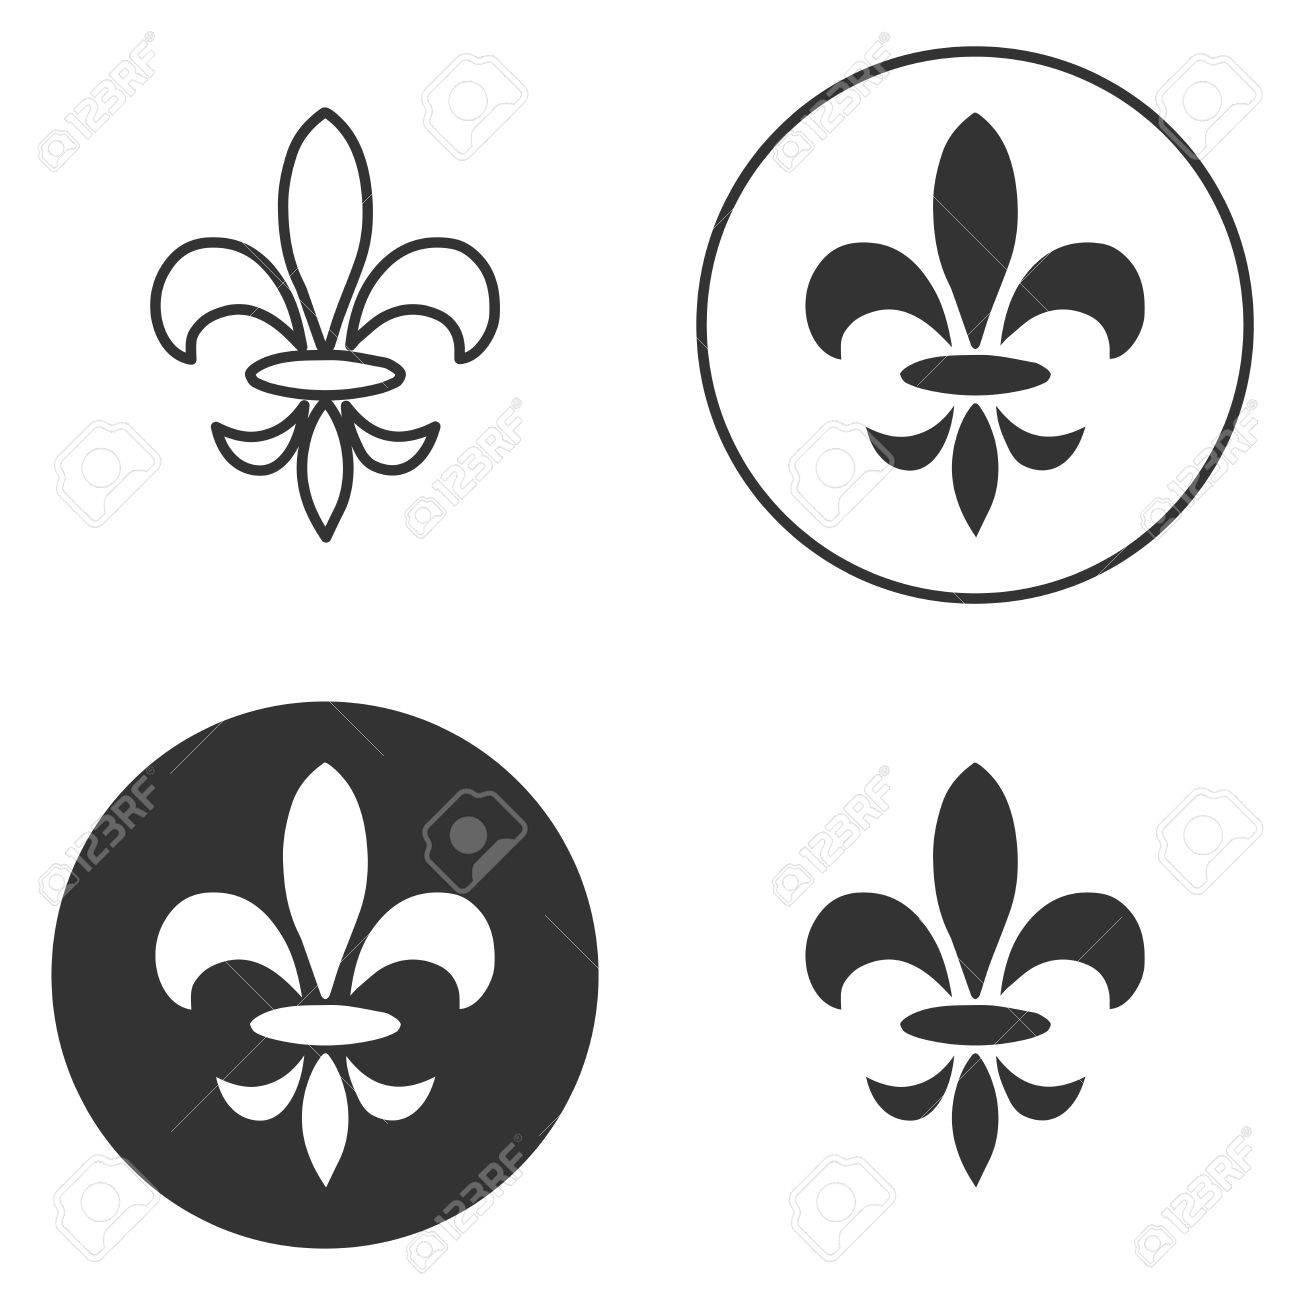 Fleur Illustration collection of fleur de lis symbols, black silhouettes - heraldic